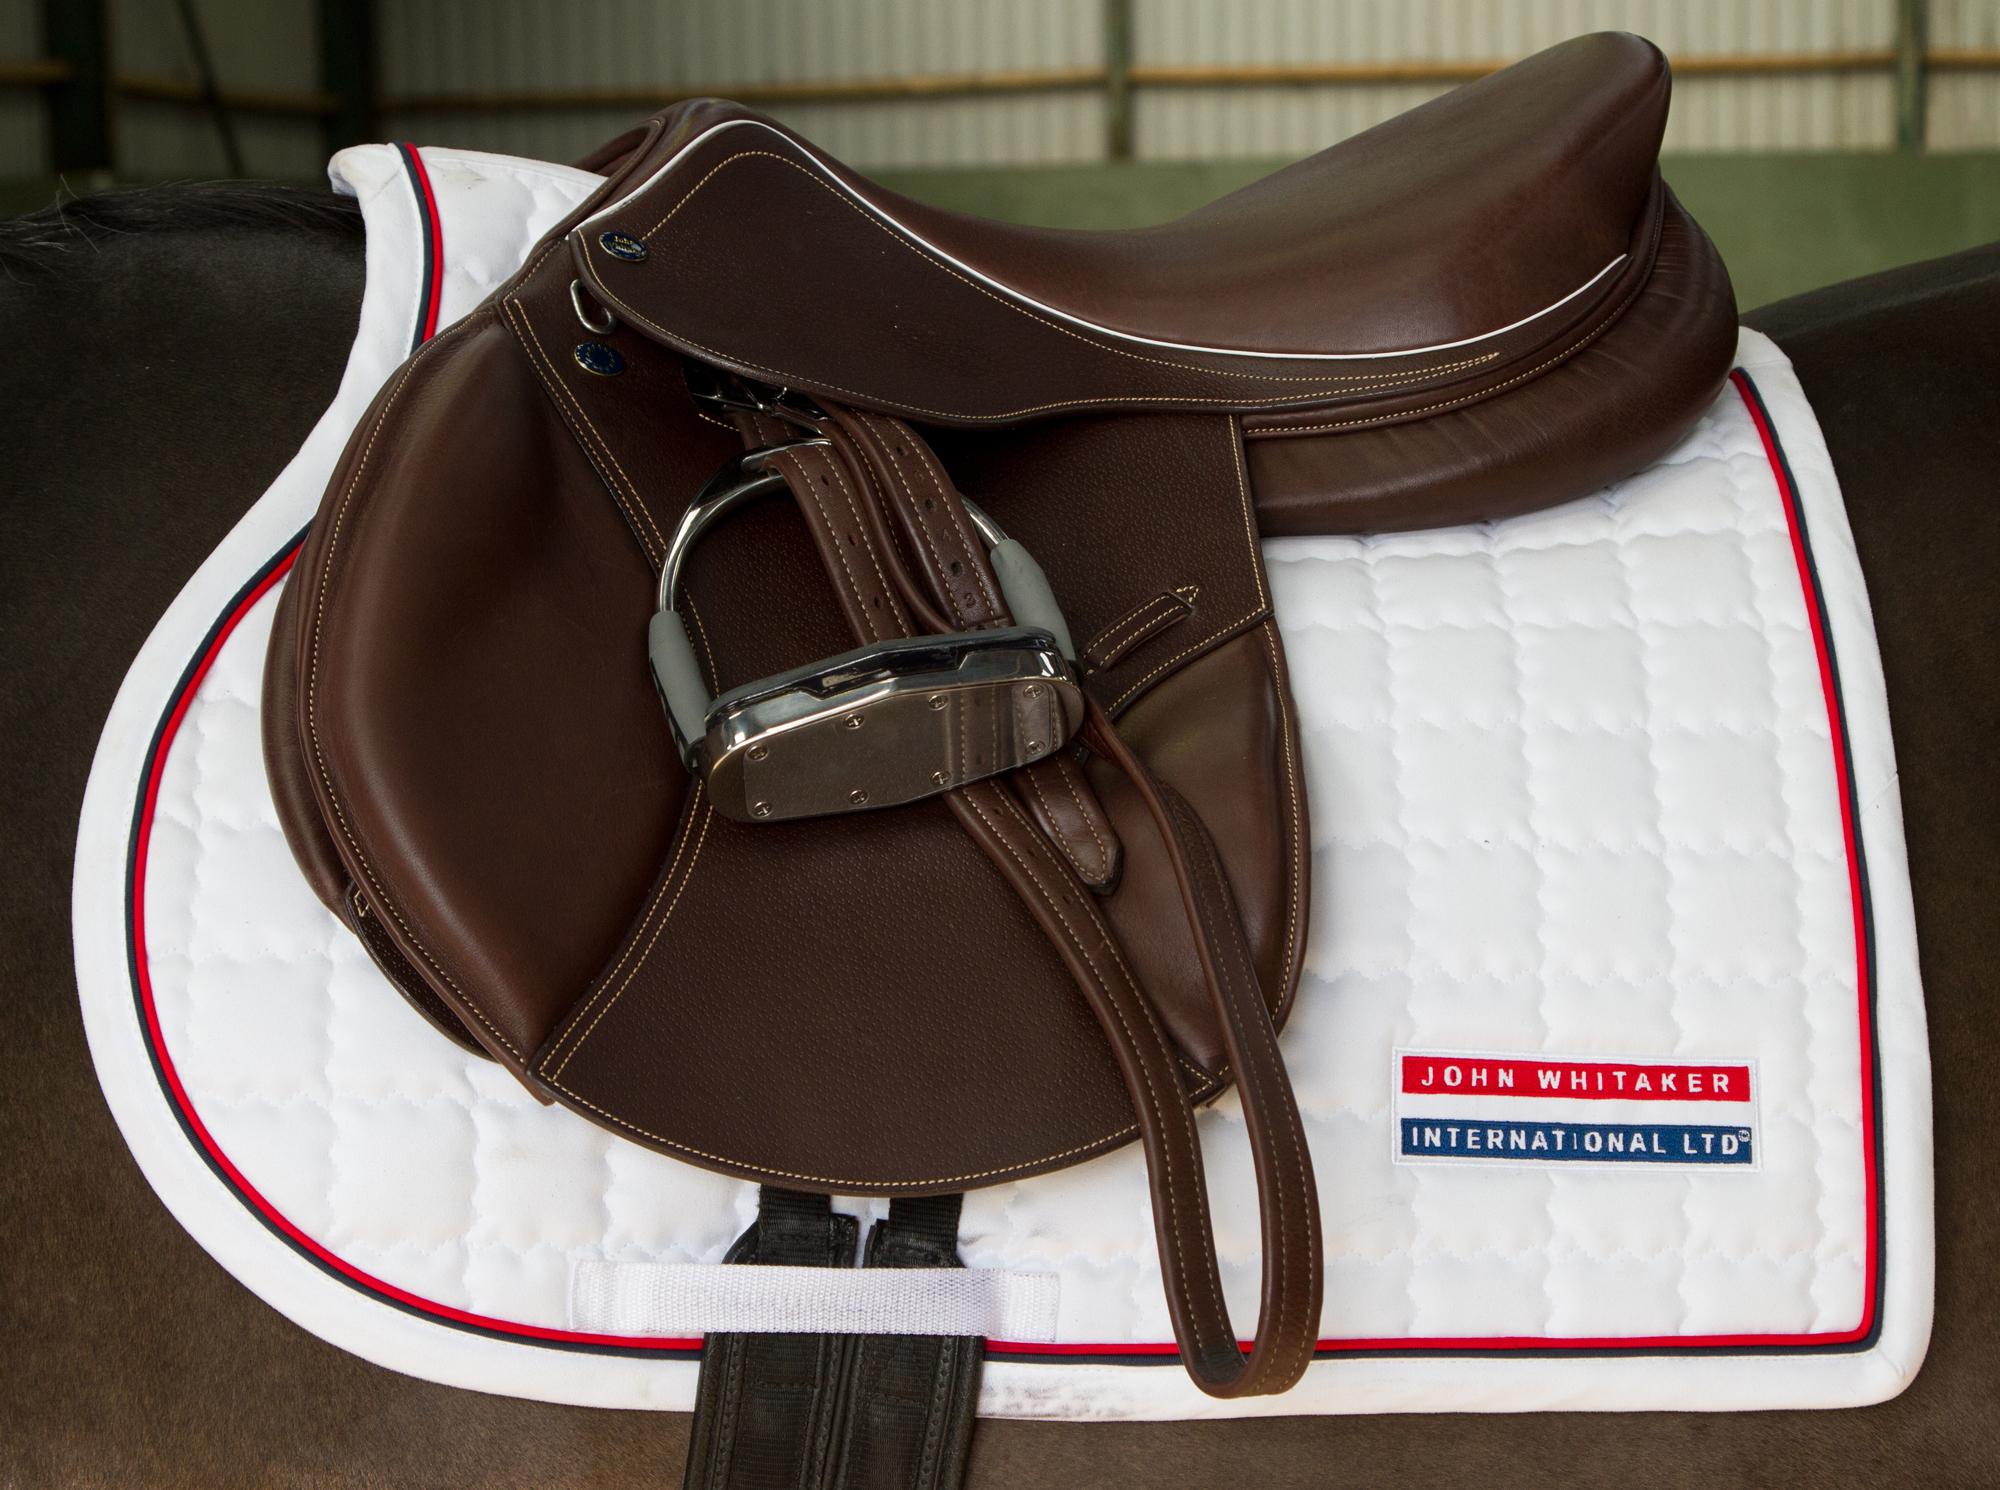 John Whitaker saddle